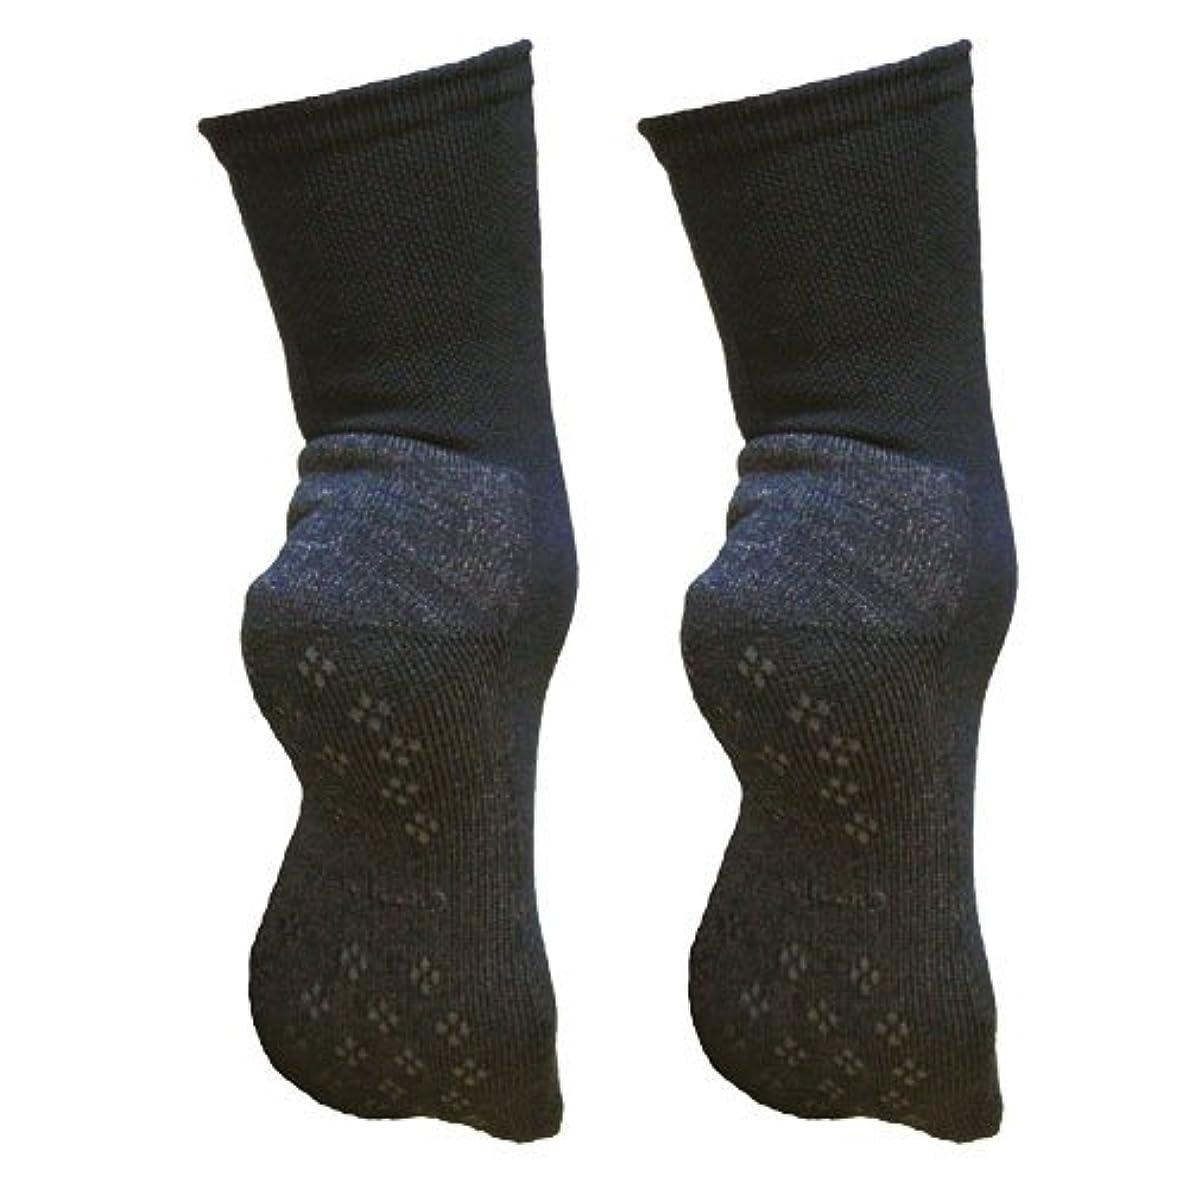 勝利したレビュー追い出す銅繊維靴下「足もとはいつも青春」パイルタイプ2足セット 靴底のあたたかさ重視